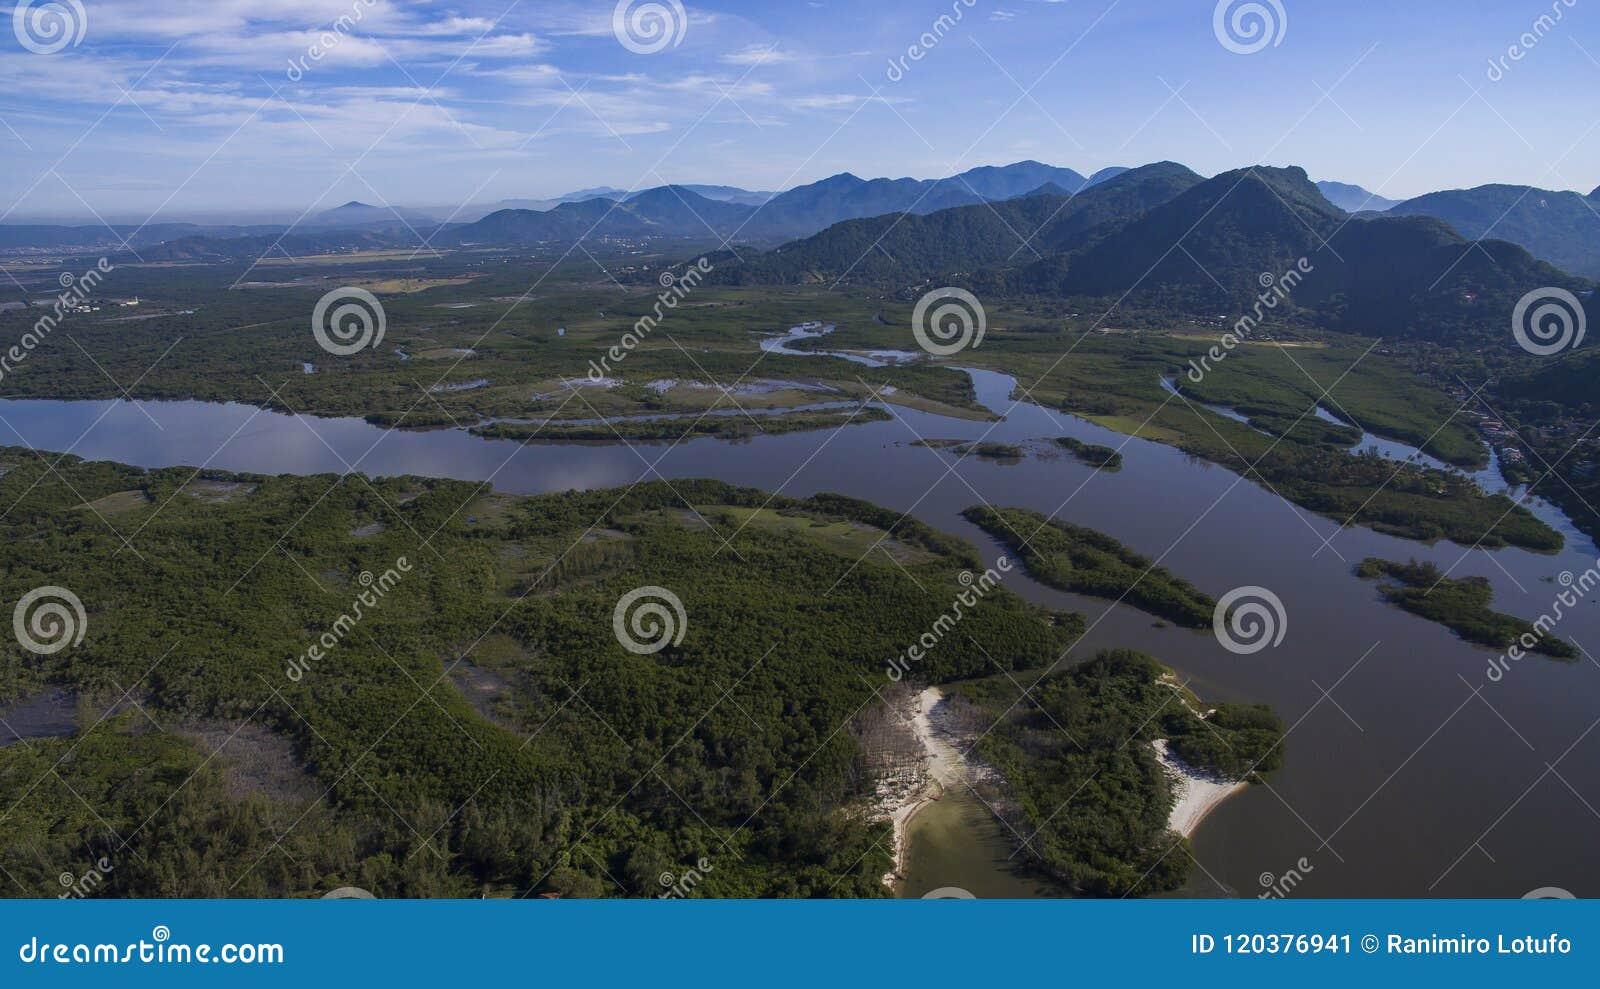 Παραλίες και παραδεισιακές θέσεις, θαυμάσιες παραλίες σε όλο τον κόσμο, Restinga της παραλίας Marambaia, Ρίο ντε Τζανέιρο, Βραζιλ